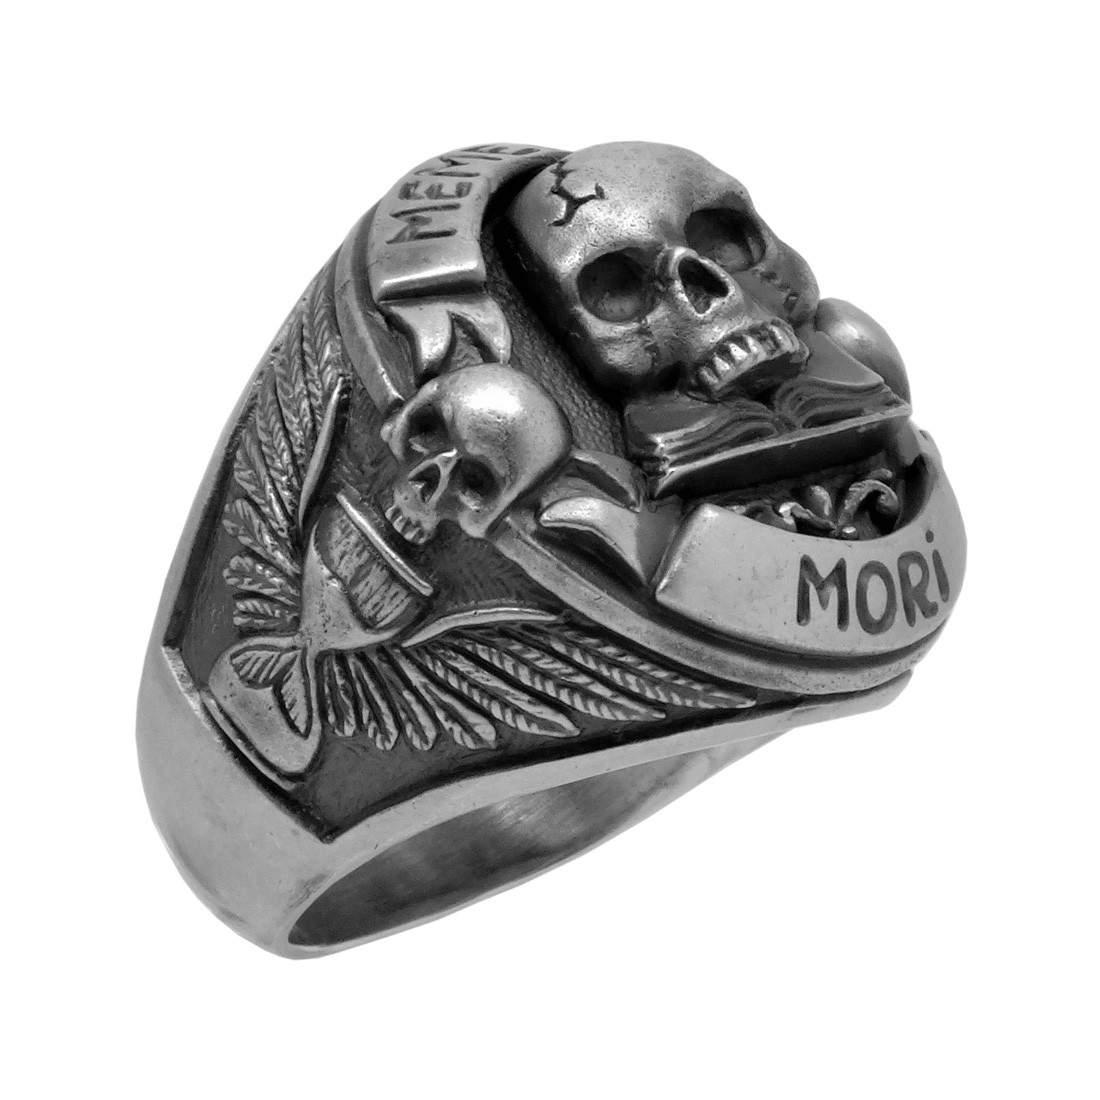 Handmade Sterling Silver 925 Skull Memento Mori Biker Ring  Secretium